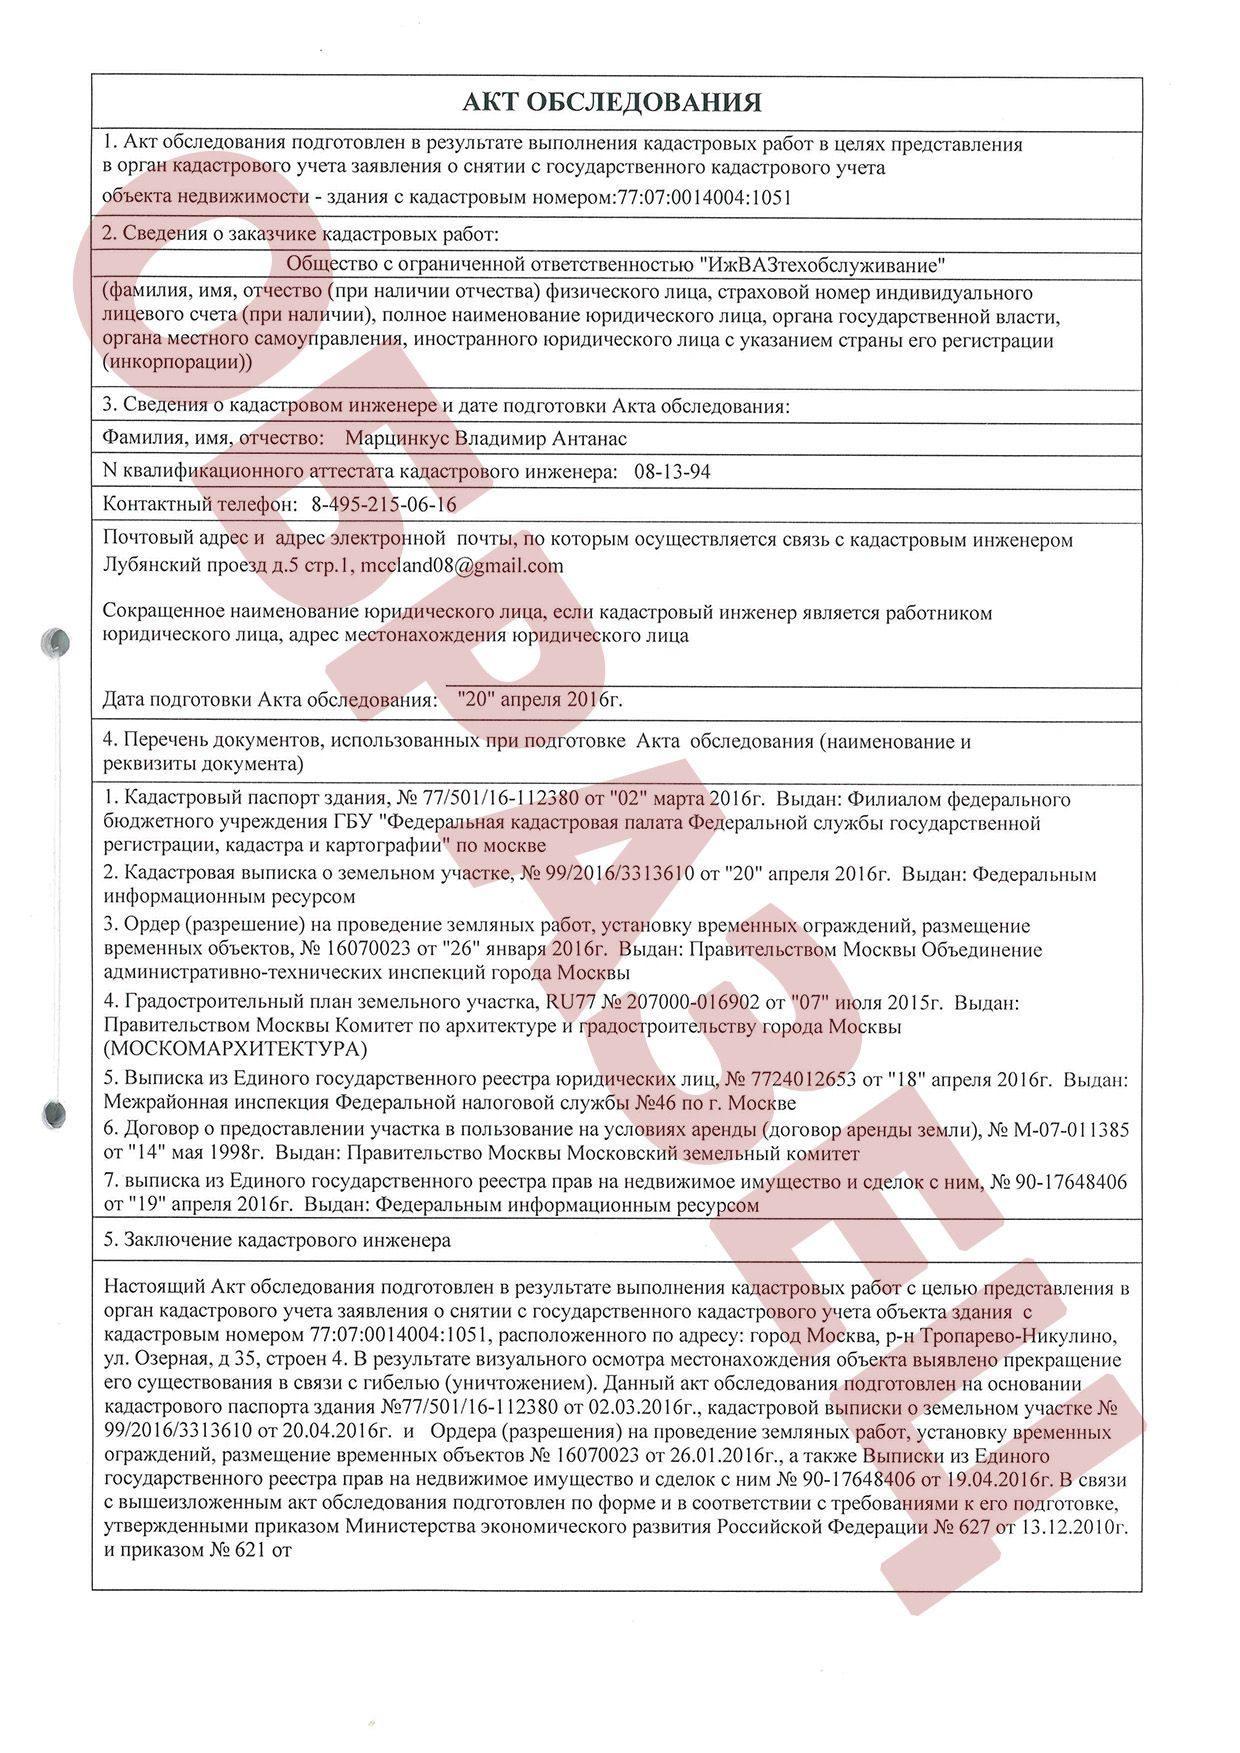 В акте обследования заключение является обязательным разделом документа. Им подтверждается отсутствие здания на участке.